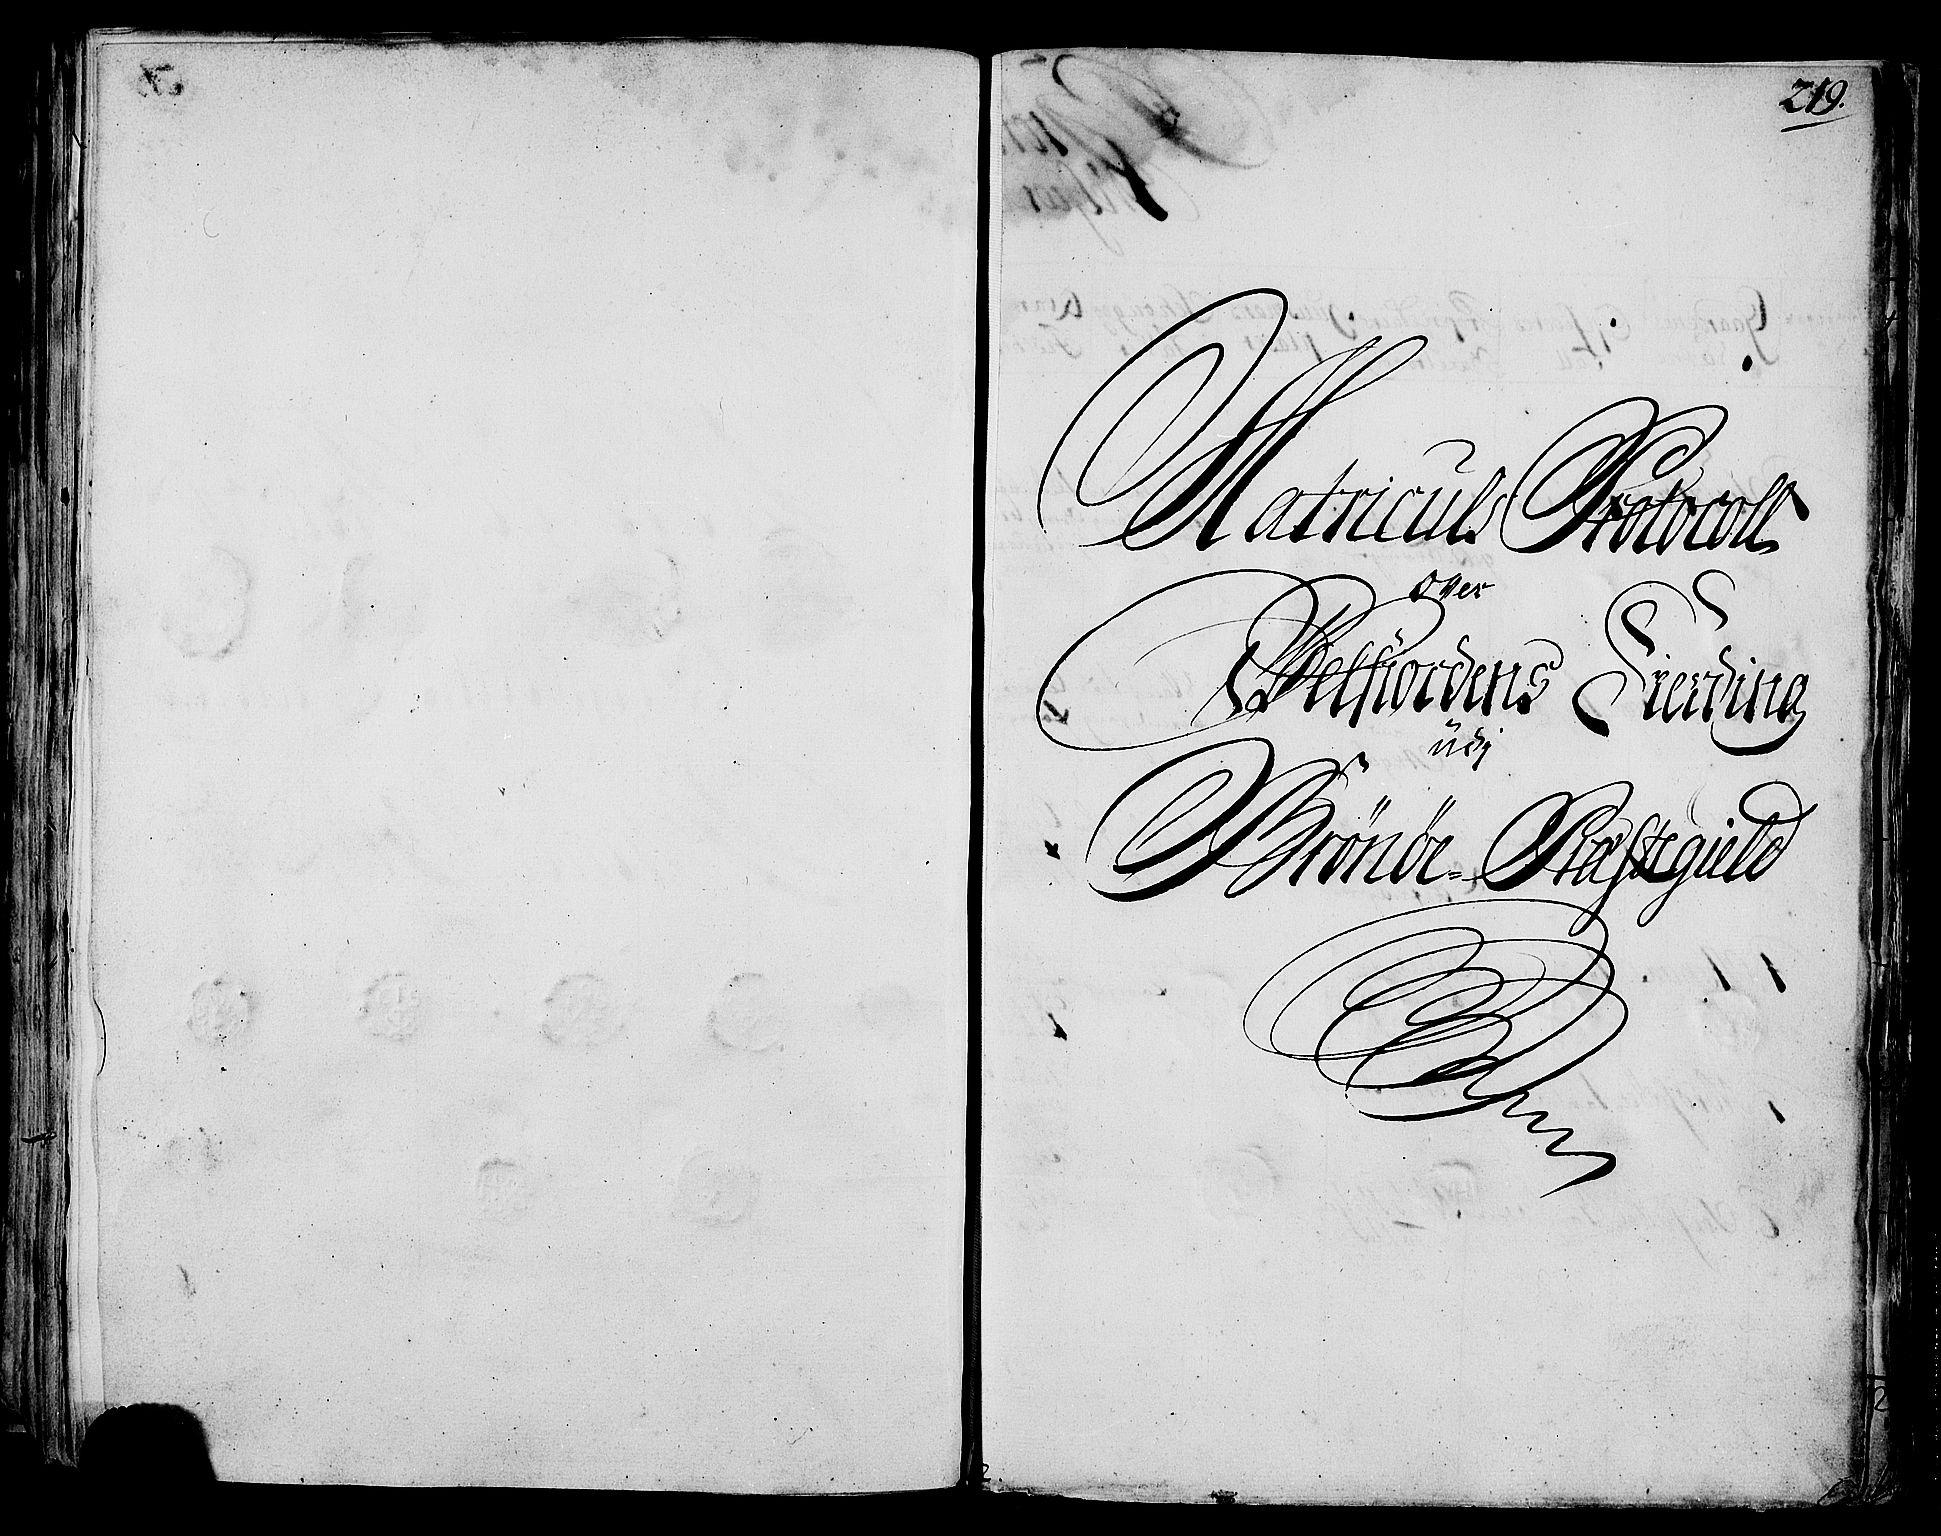 RA, Rentekammeret inntil 1814, Realistisk ordnet avdeling, N/Nb/Nbf/L0170: Helgeland eksaminasjonsprotokoll, 1723, s. 218b-219a